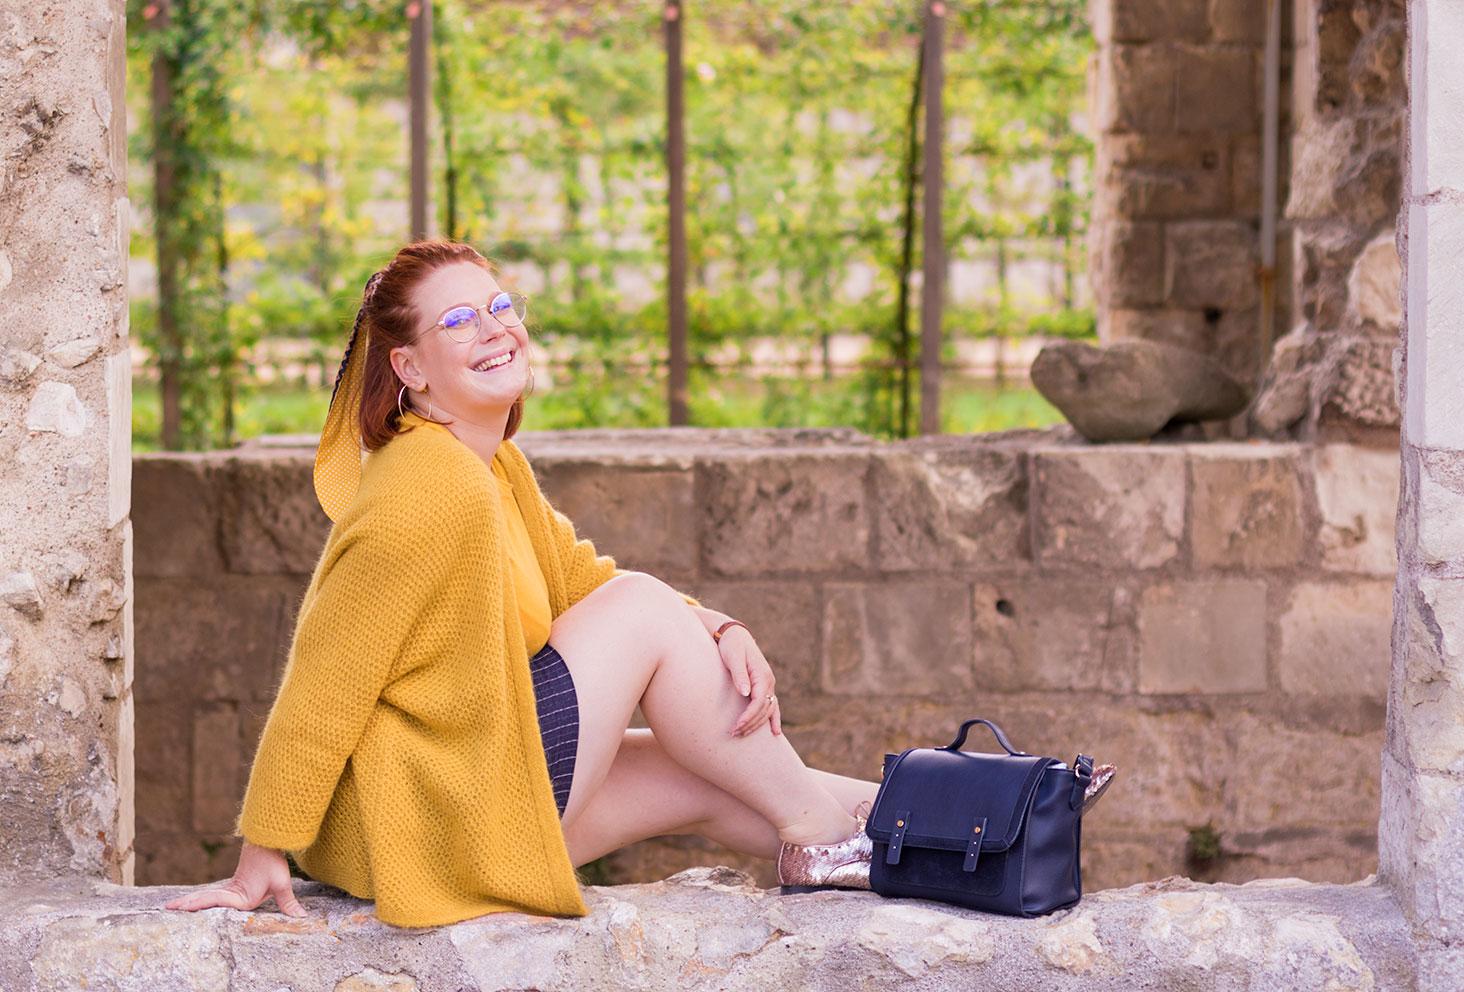 Assise dans une ouverture des ruines en pierre, en gilet jaune et derbies brillantes, de profil